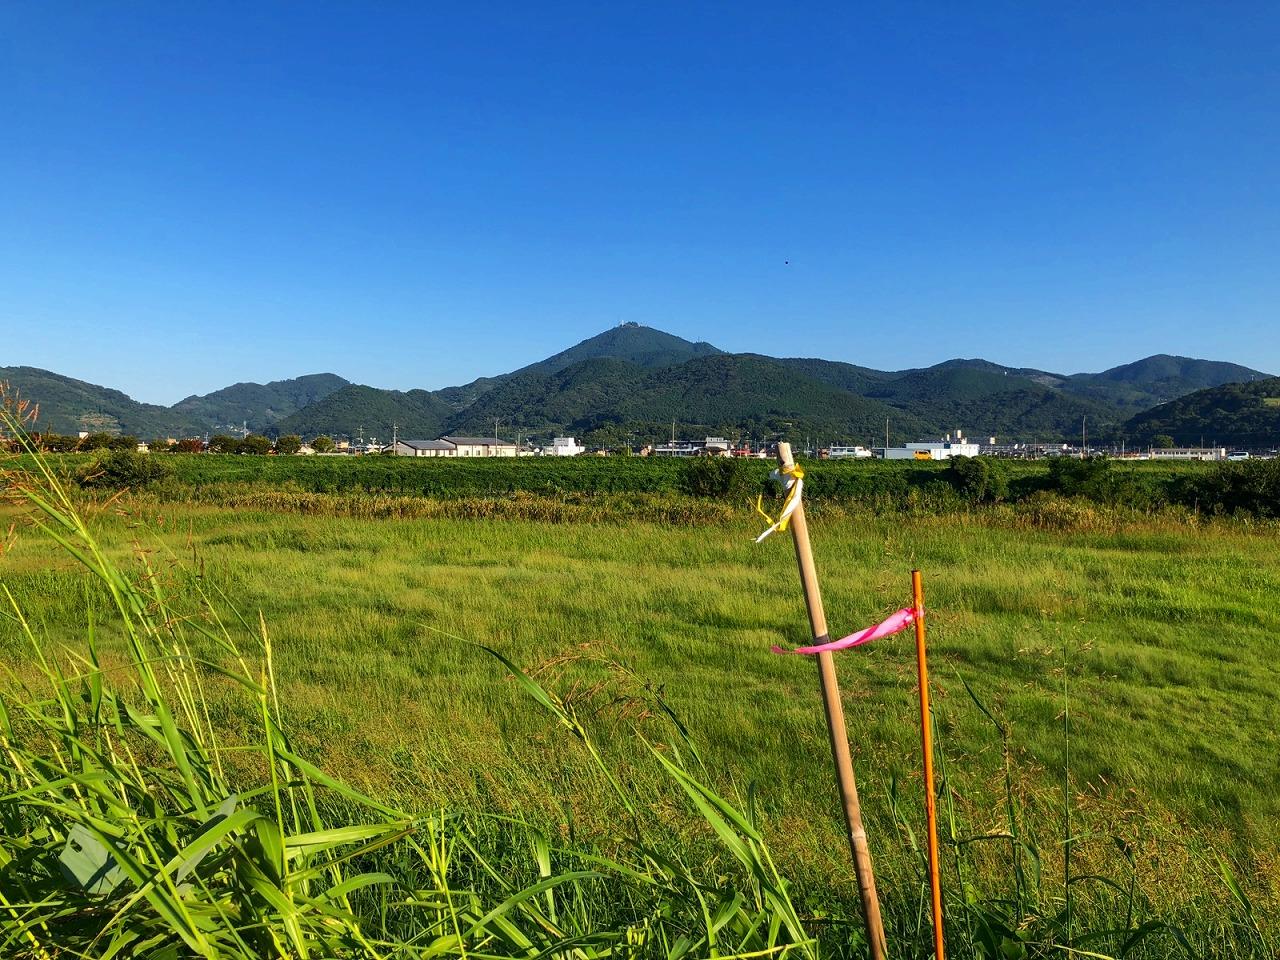 2018.9.27今朝の金峰山です。